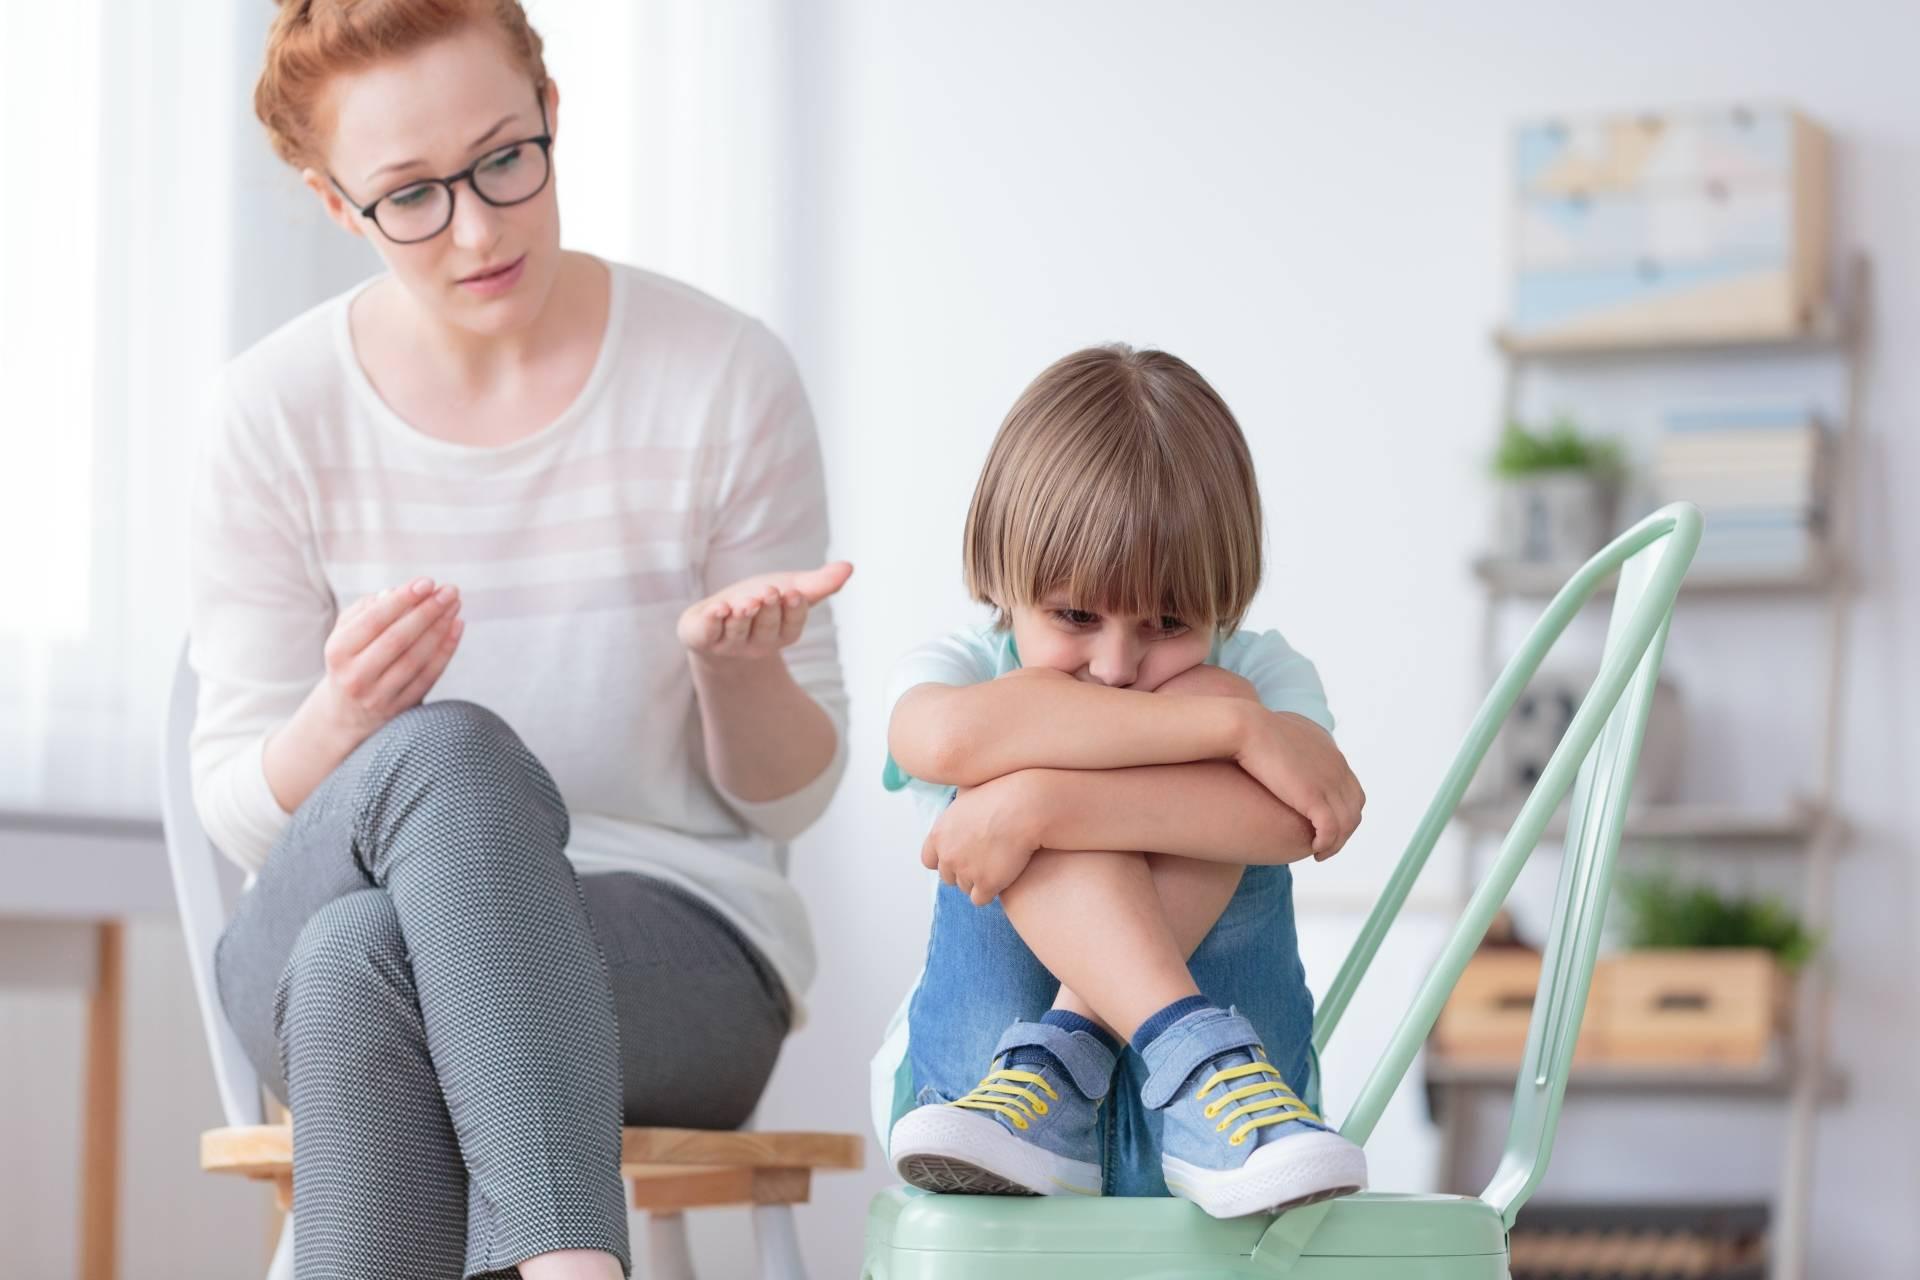 Wrażliwe dziecko. Obrażony chłopczyk siedzi z podkulonymi nogami na krześle, obok niego siedzi mama i tłumaczy mu coś.